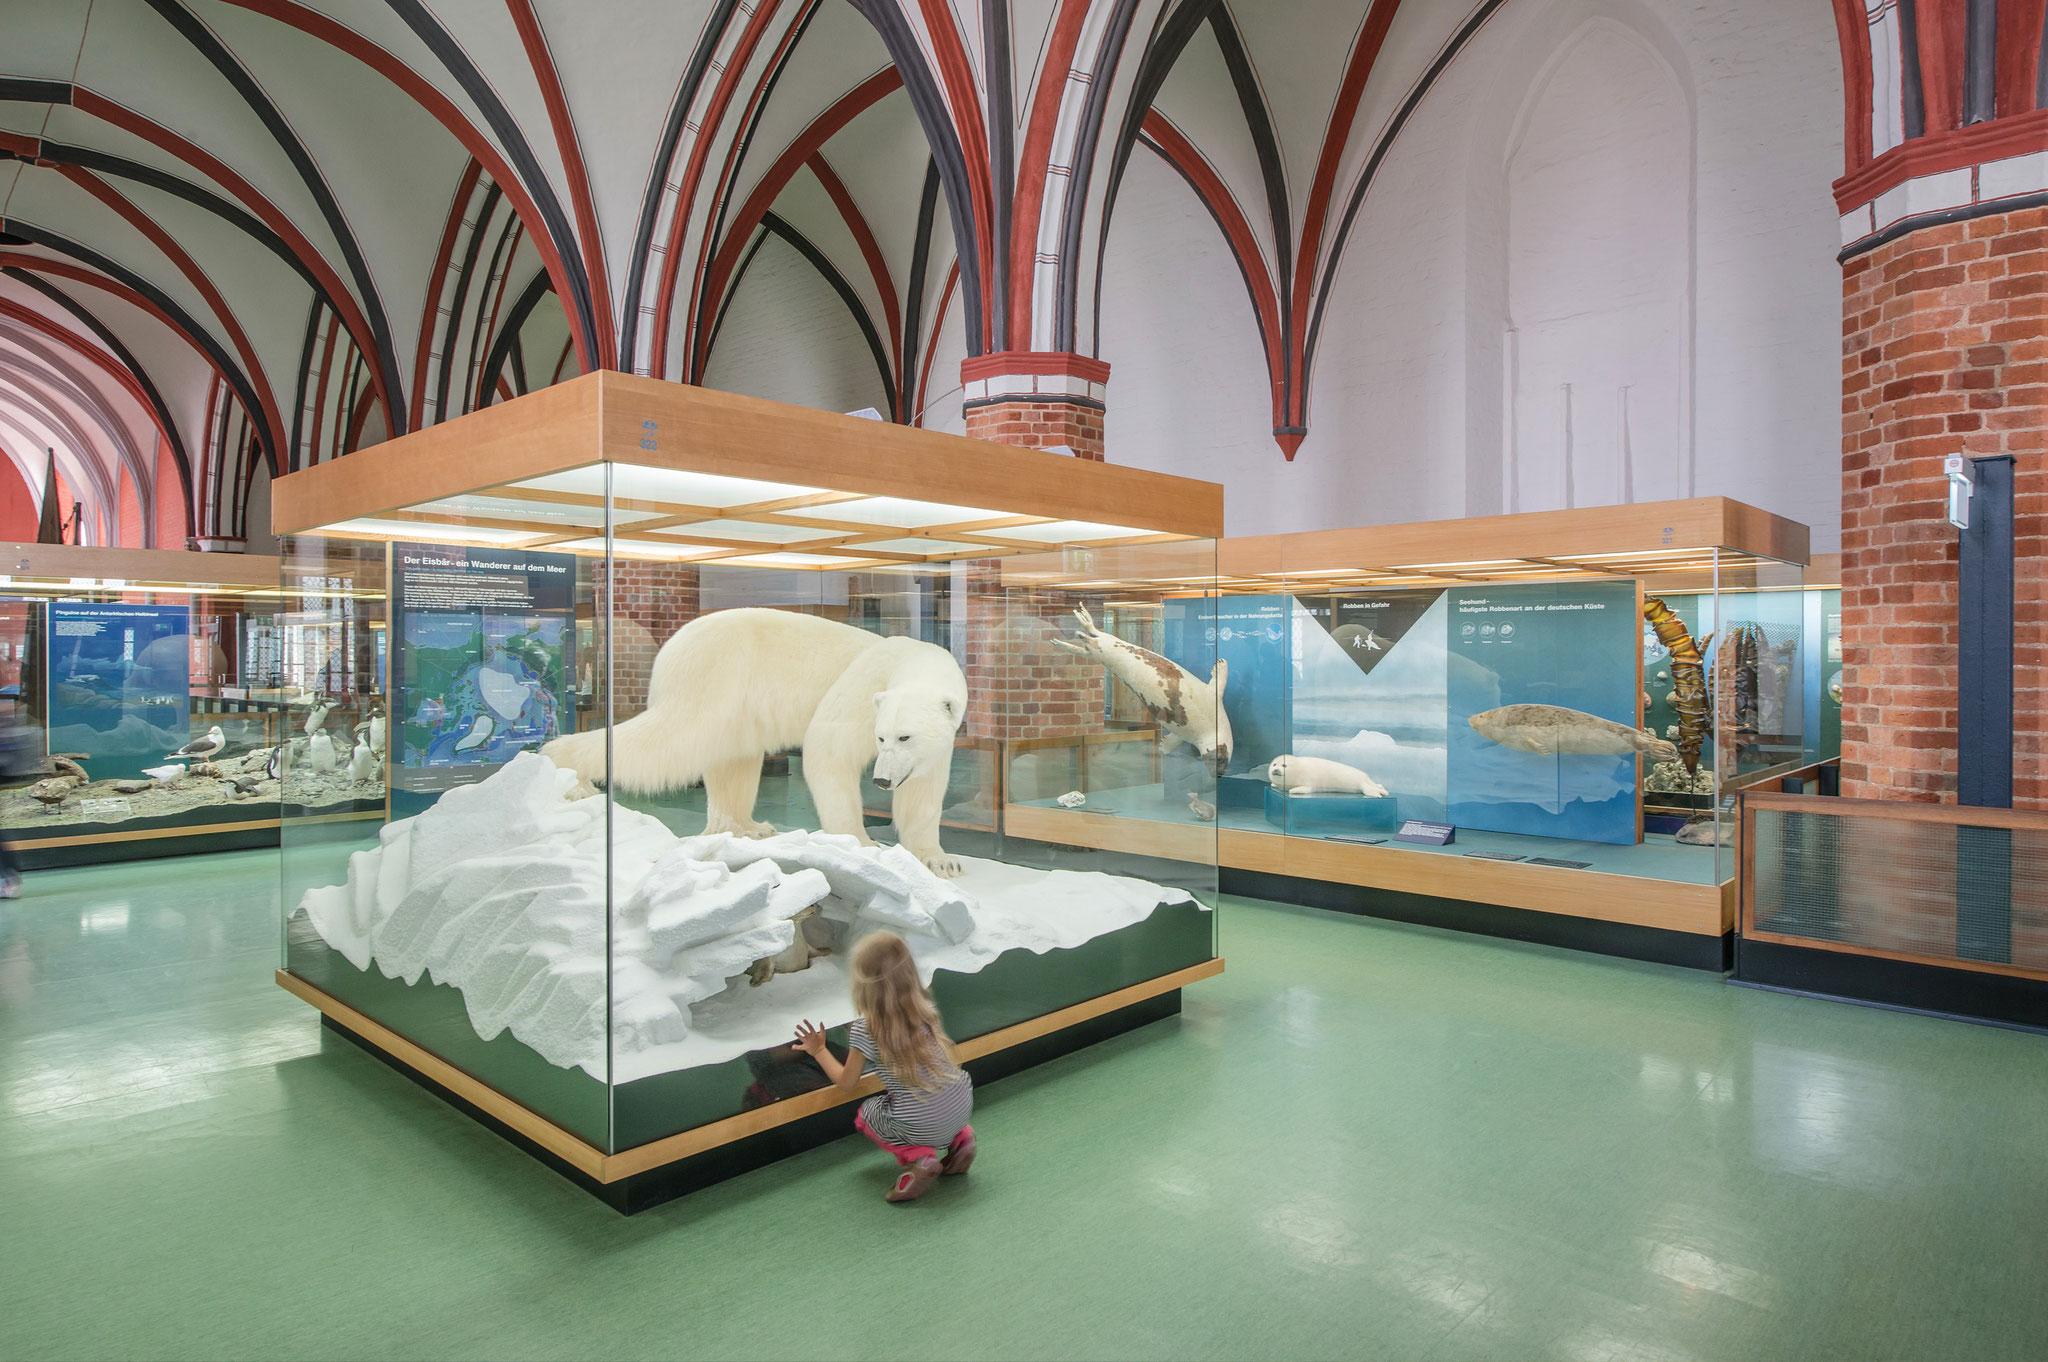 Präparierter Eisbär im mittelalterlichen Gewölbe (Foto: Johannes-Maria Schlorke / Deutsches Meeresmuseum)